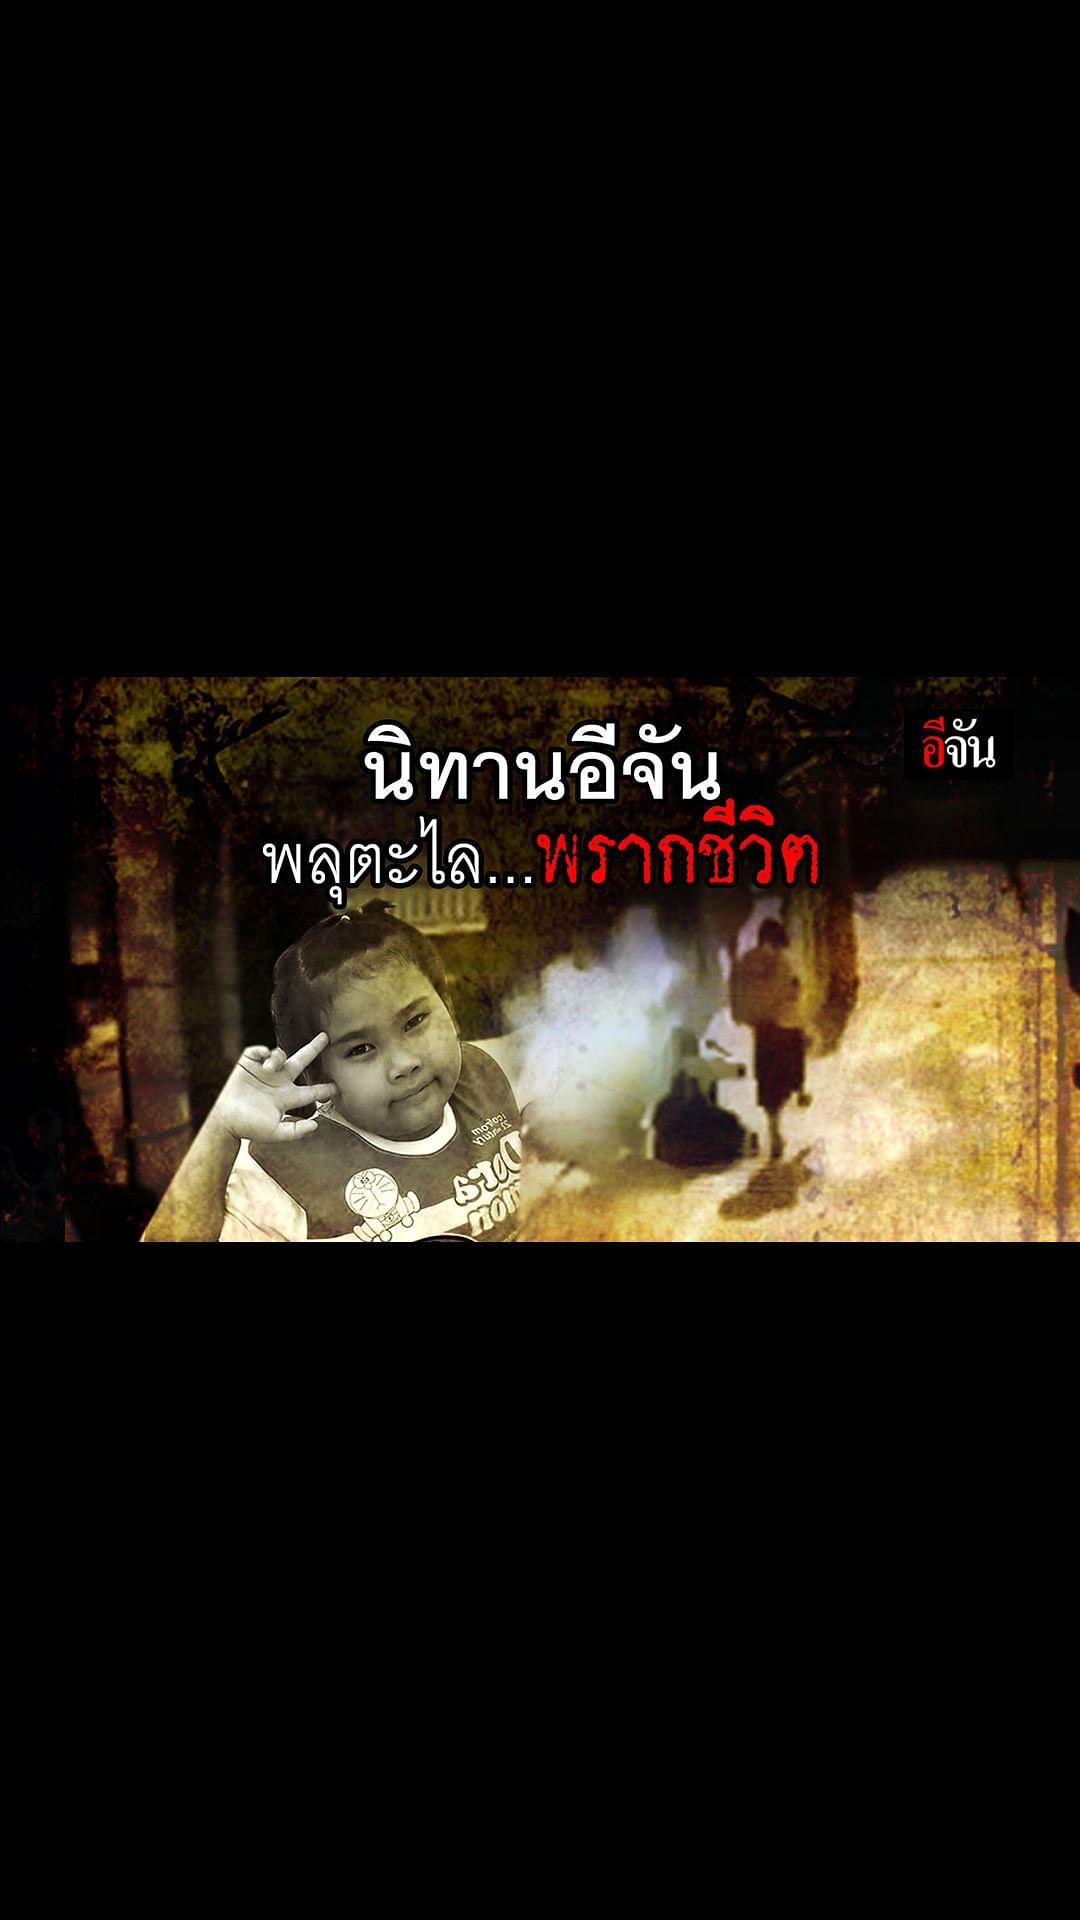 อีจัน สตอรี่ - นิทานอีจัน พลุตะไลพรากชีวิต เด็กหญิง 10 ขวบ